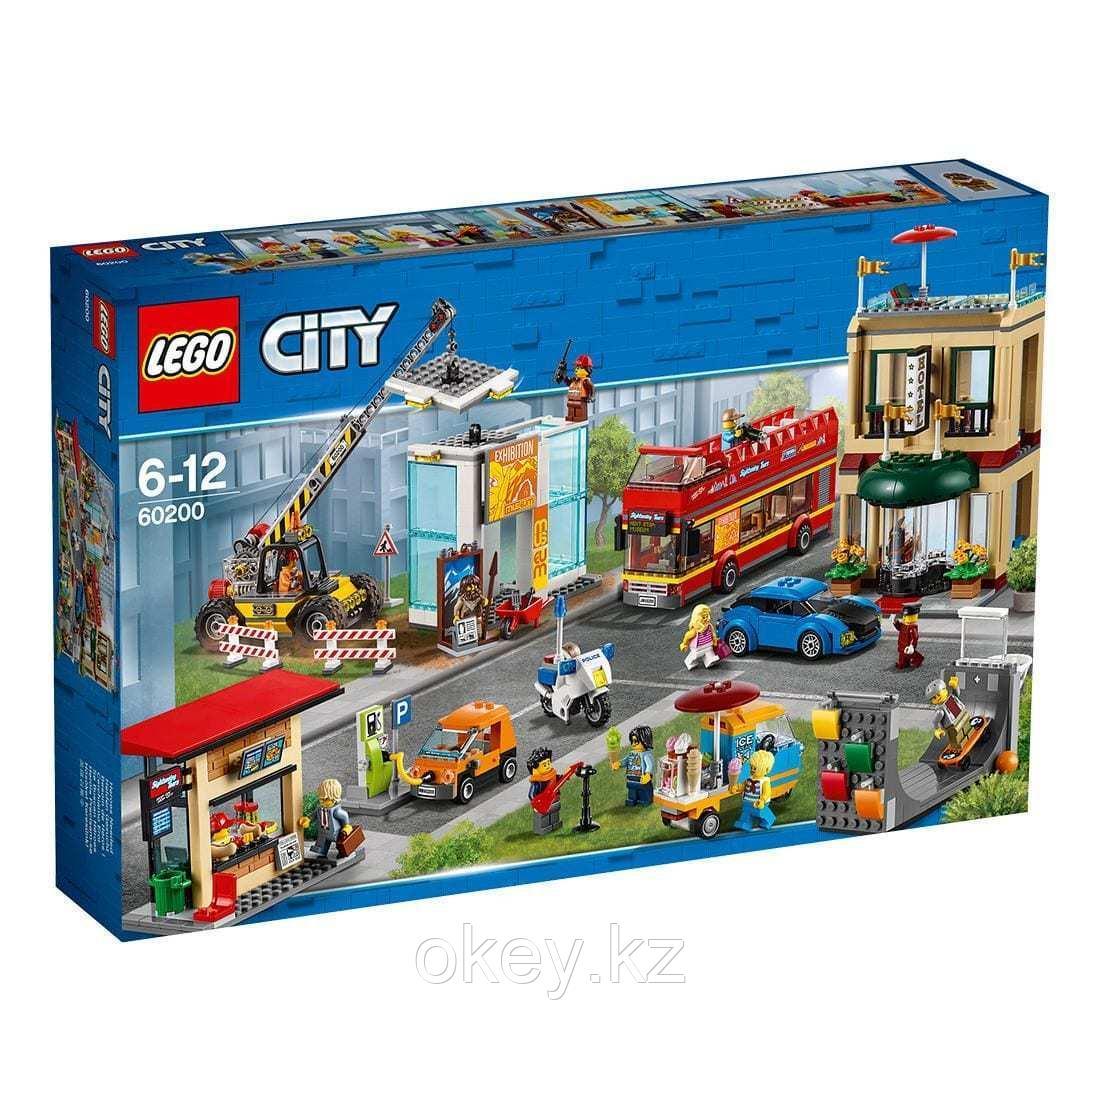 LEGO City: Столица 60200